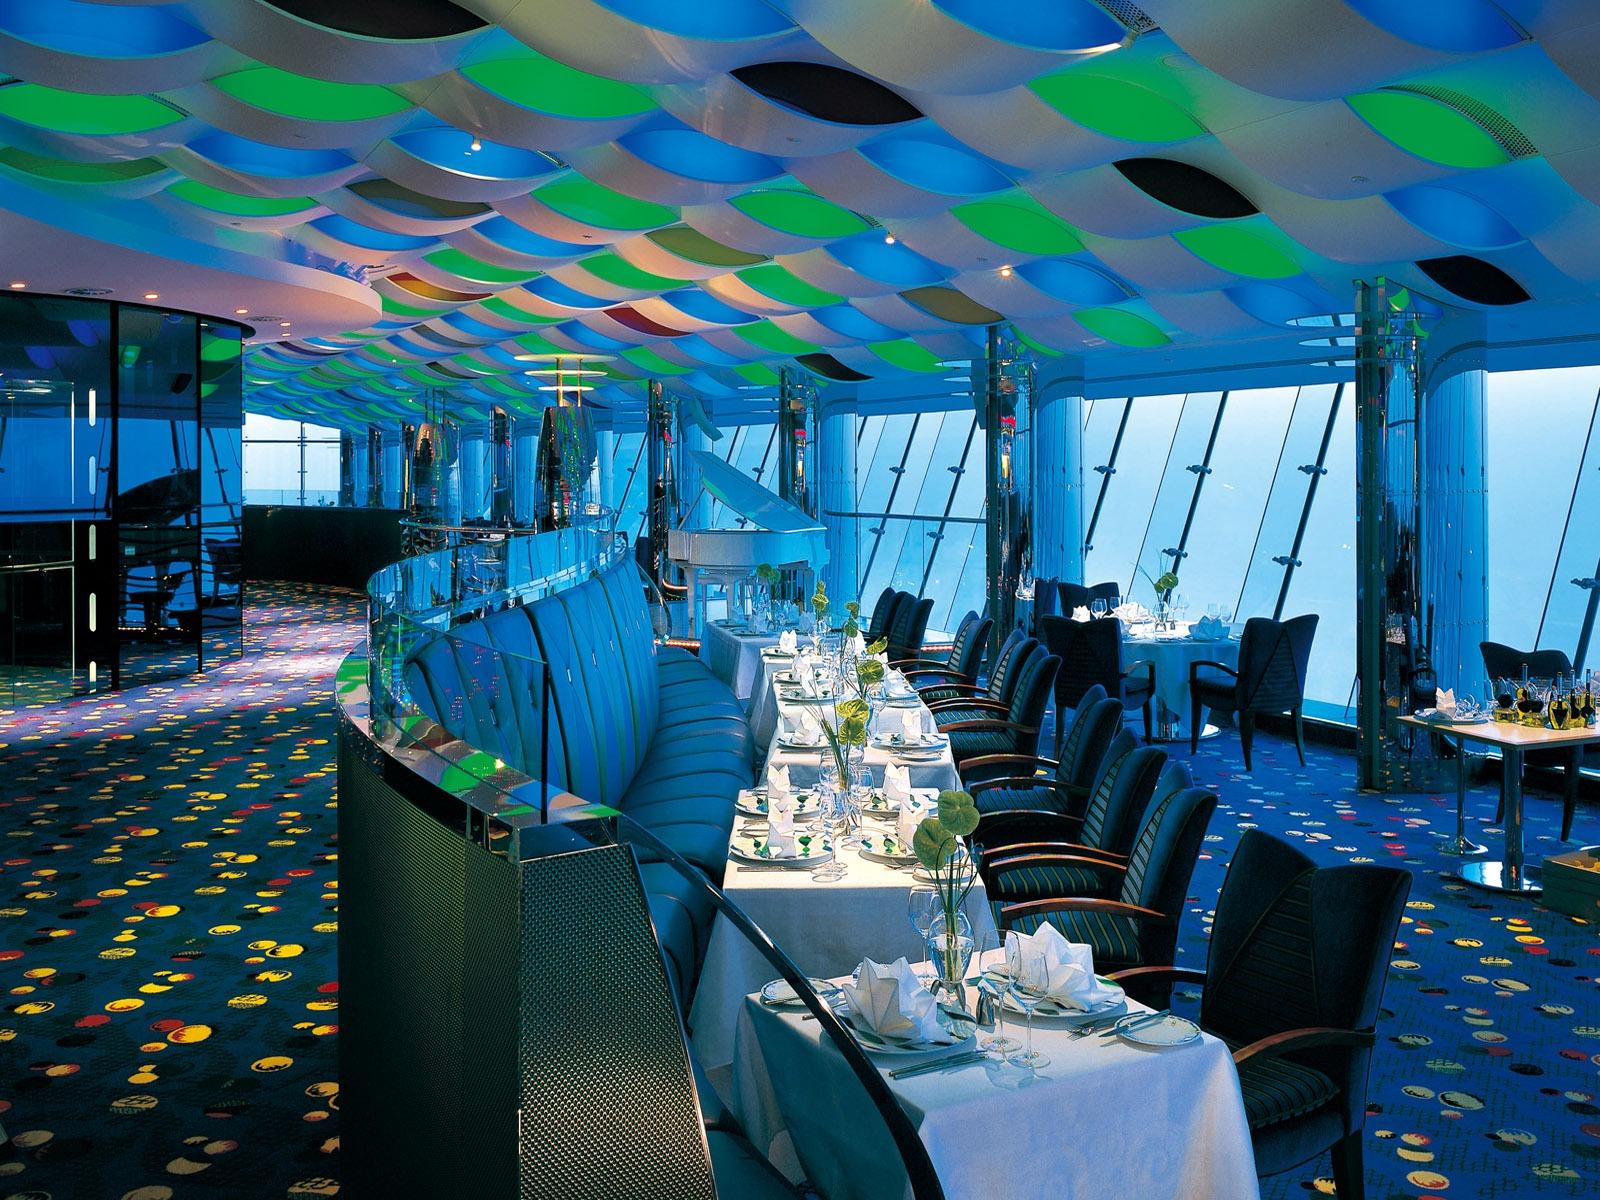 Sieben Sterne Hotel Burj Dubai Tapeten 7 1600x1200 Wallpaper